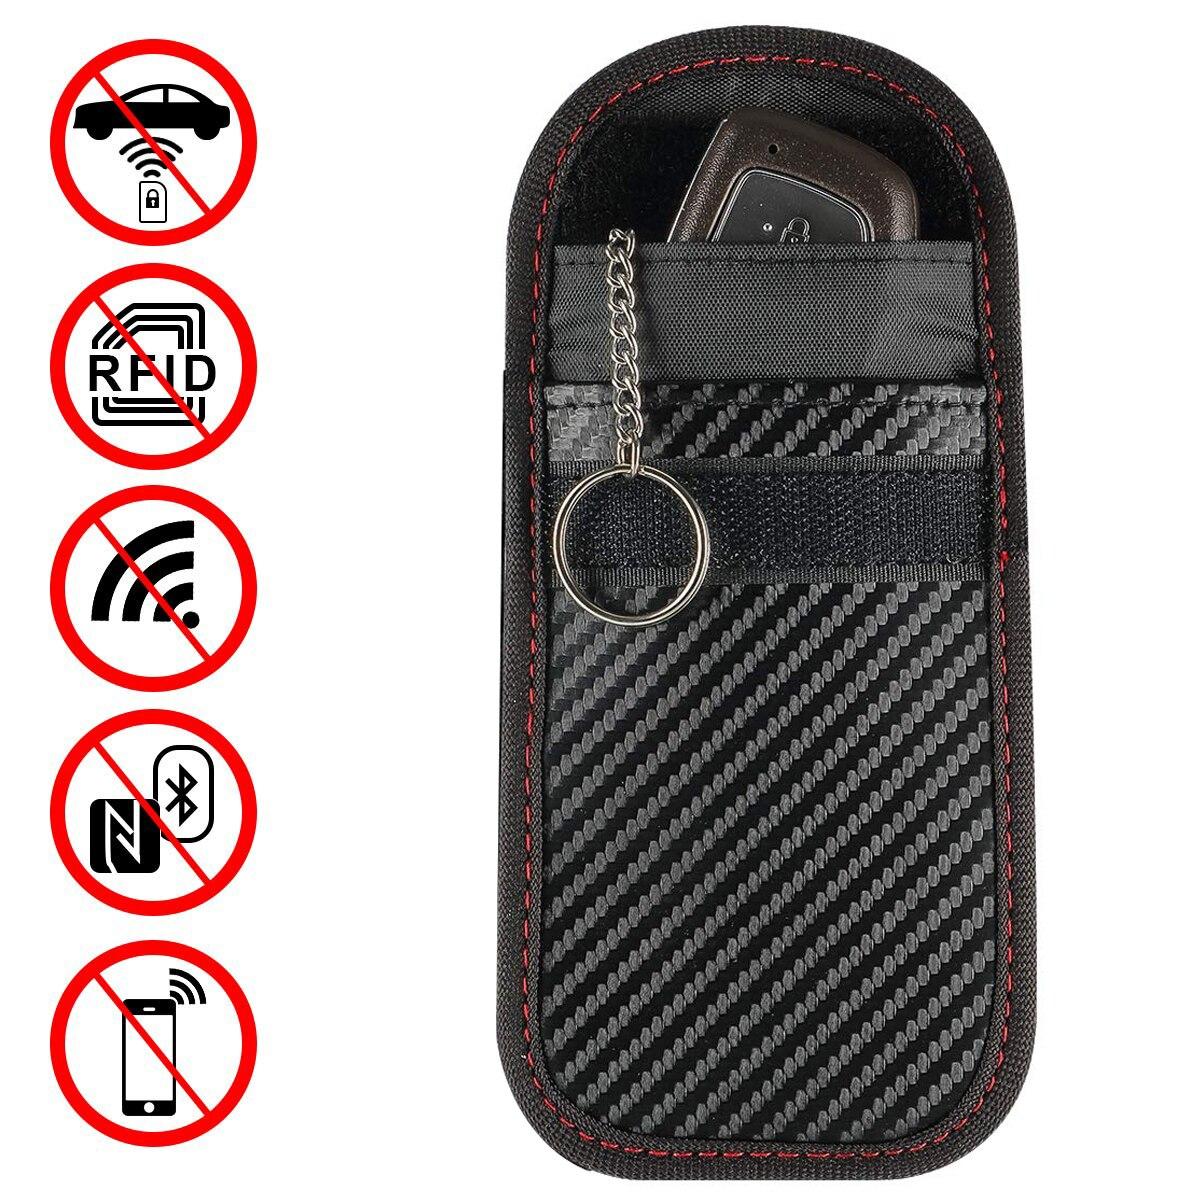 Car Key Fob Signal Blocker Case Faraday Keyless Entry Pouch Guard RFID Bag Cage